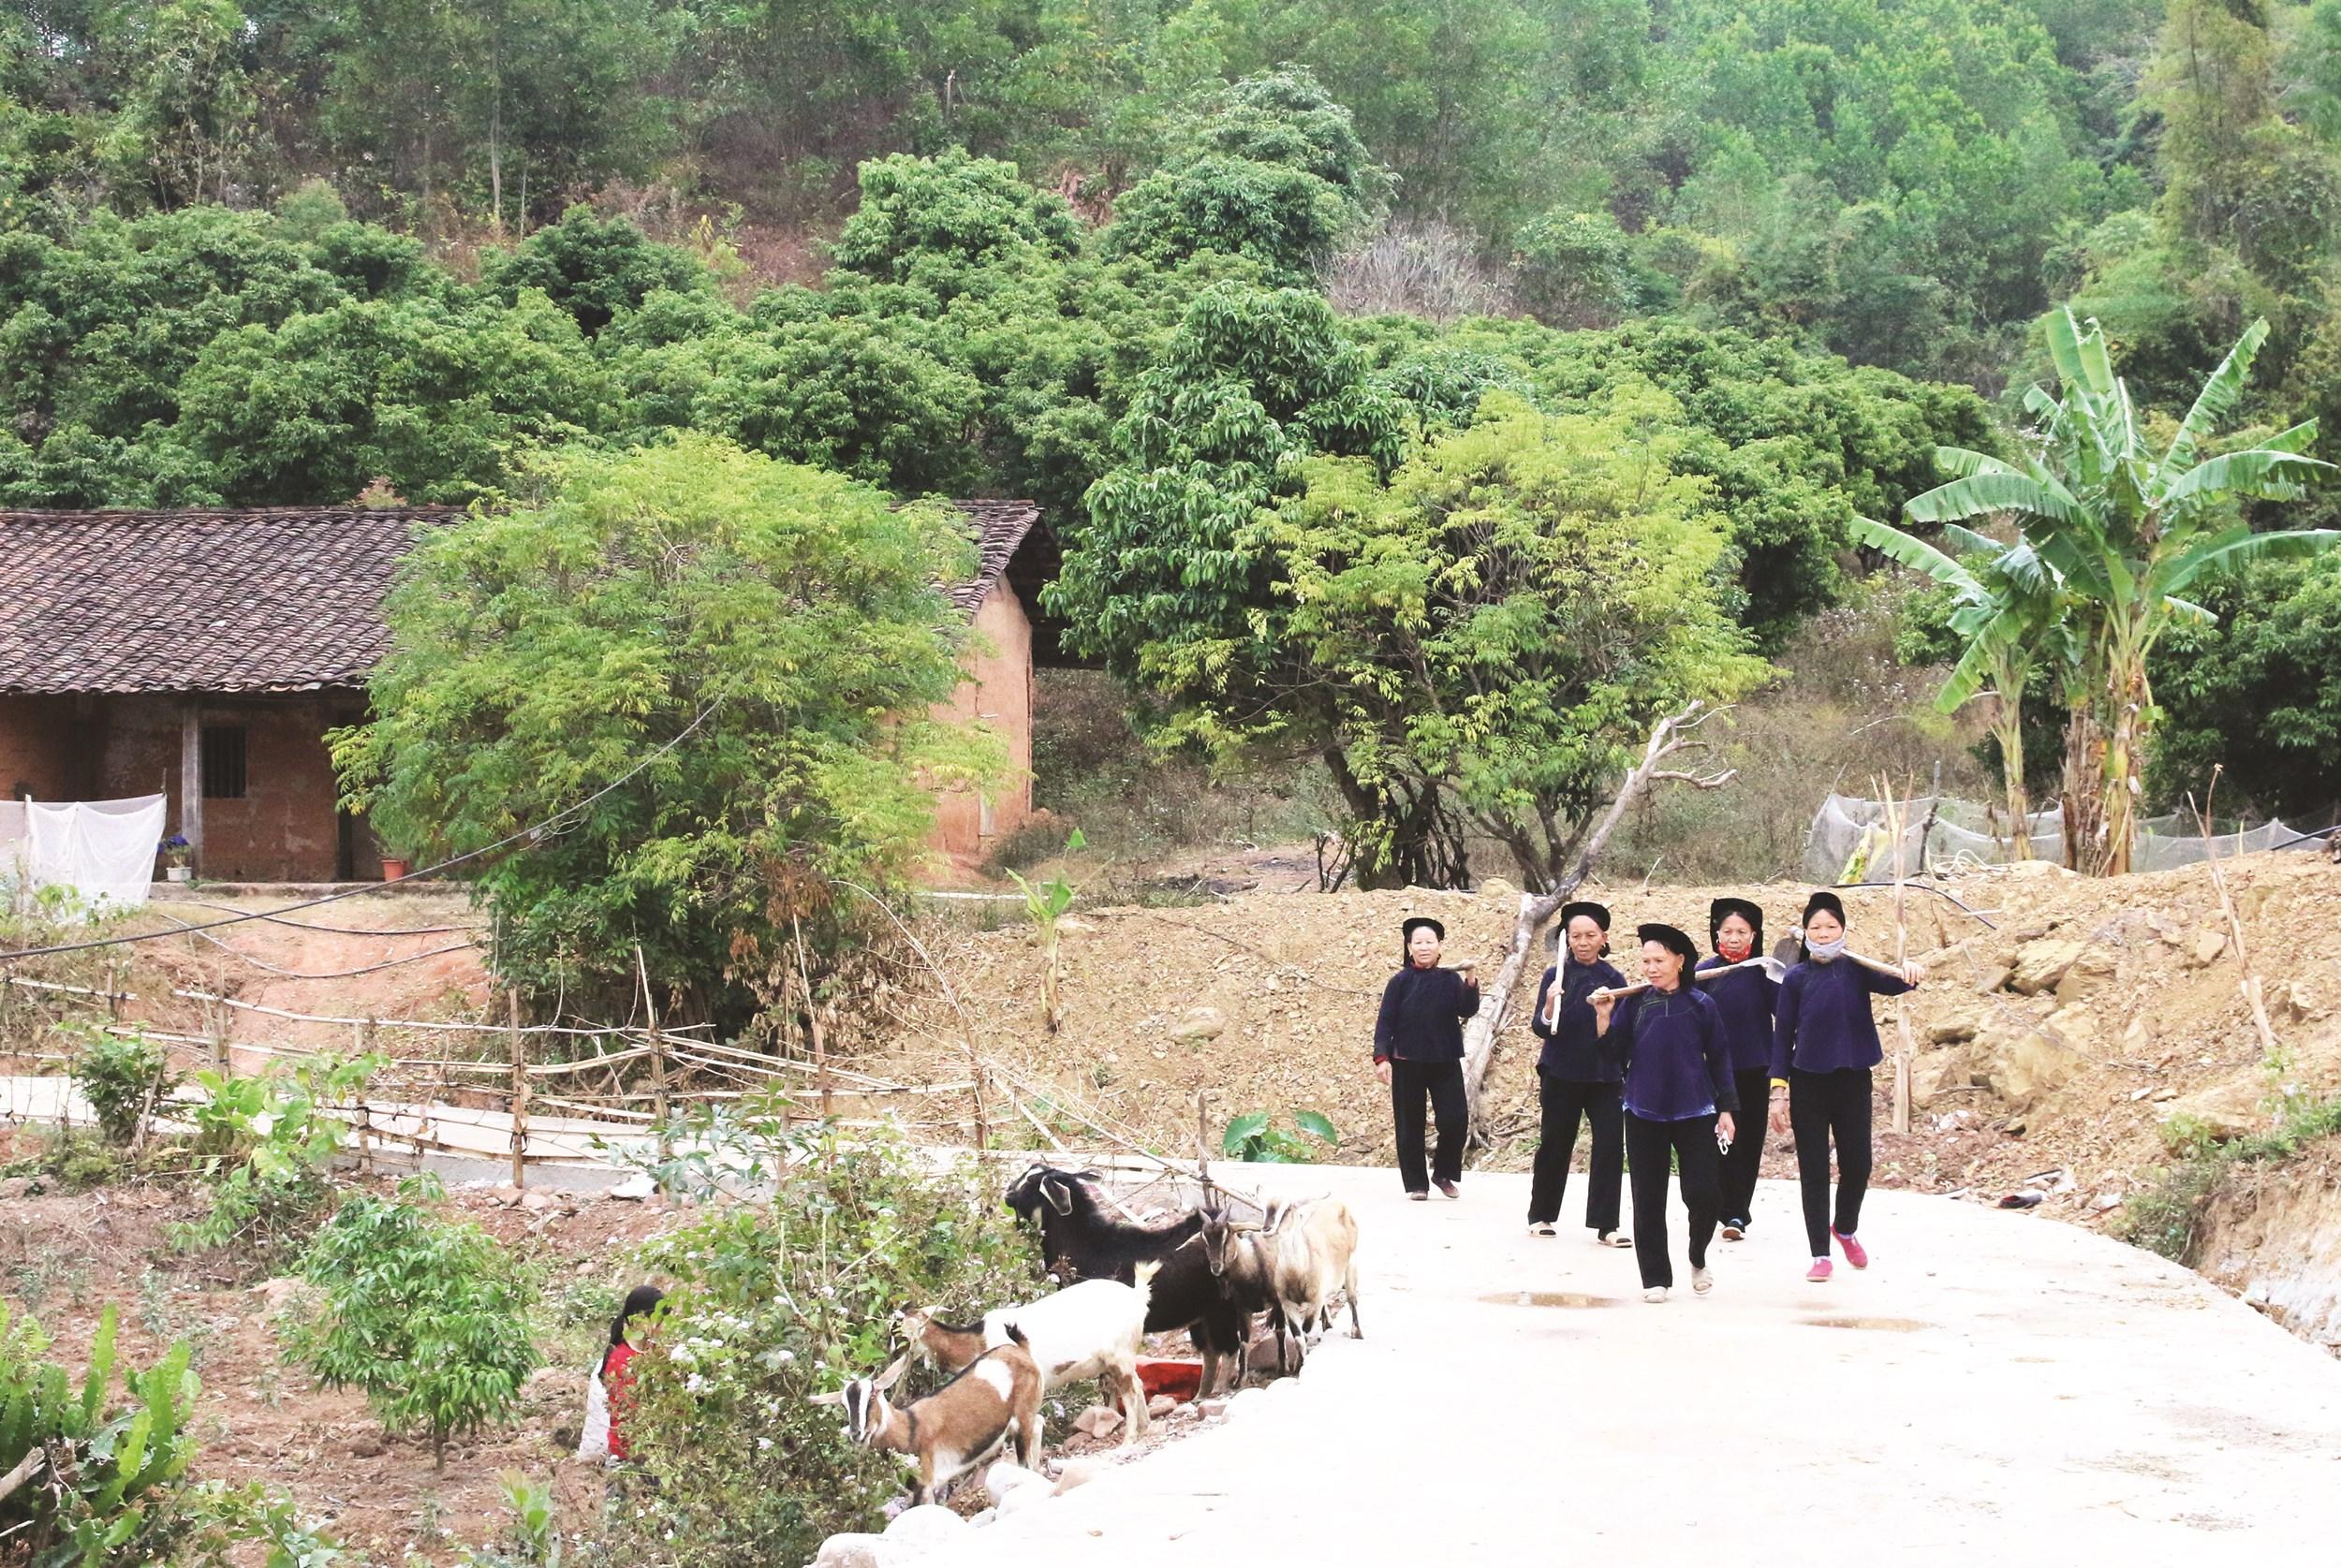 Tuyến đường liên thôn Bắc Hoa, xã Tân Sơn, huyện Lục Ngạn (Bắc Giang) được đổ bê tông, tạo điều kiện thuận lợi cho bà con ra đồng